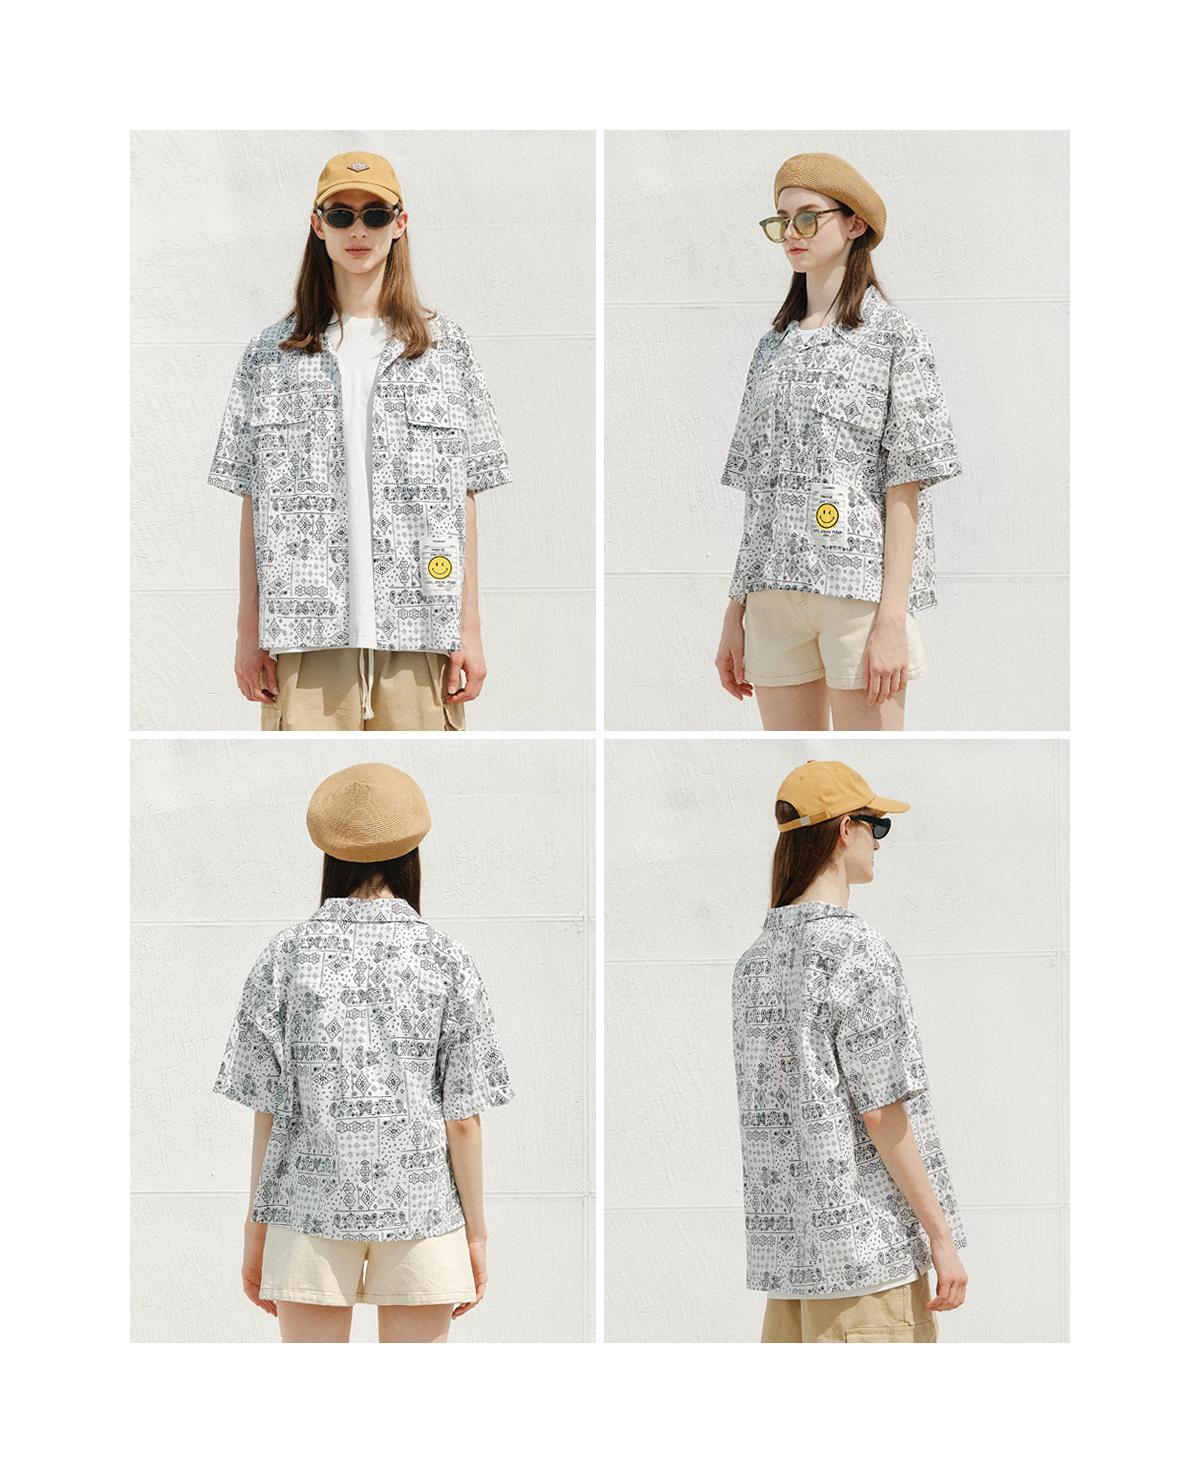 제너럴아이디어 스탠다드(GENERALIDEA STANDARD) 페이즐리 하프 셔츠 [WHITE] / S21D04002